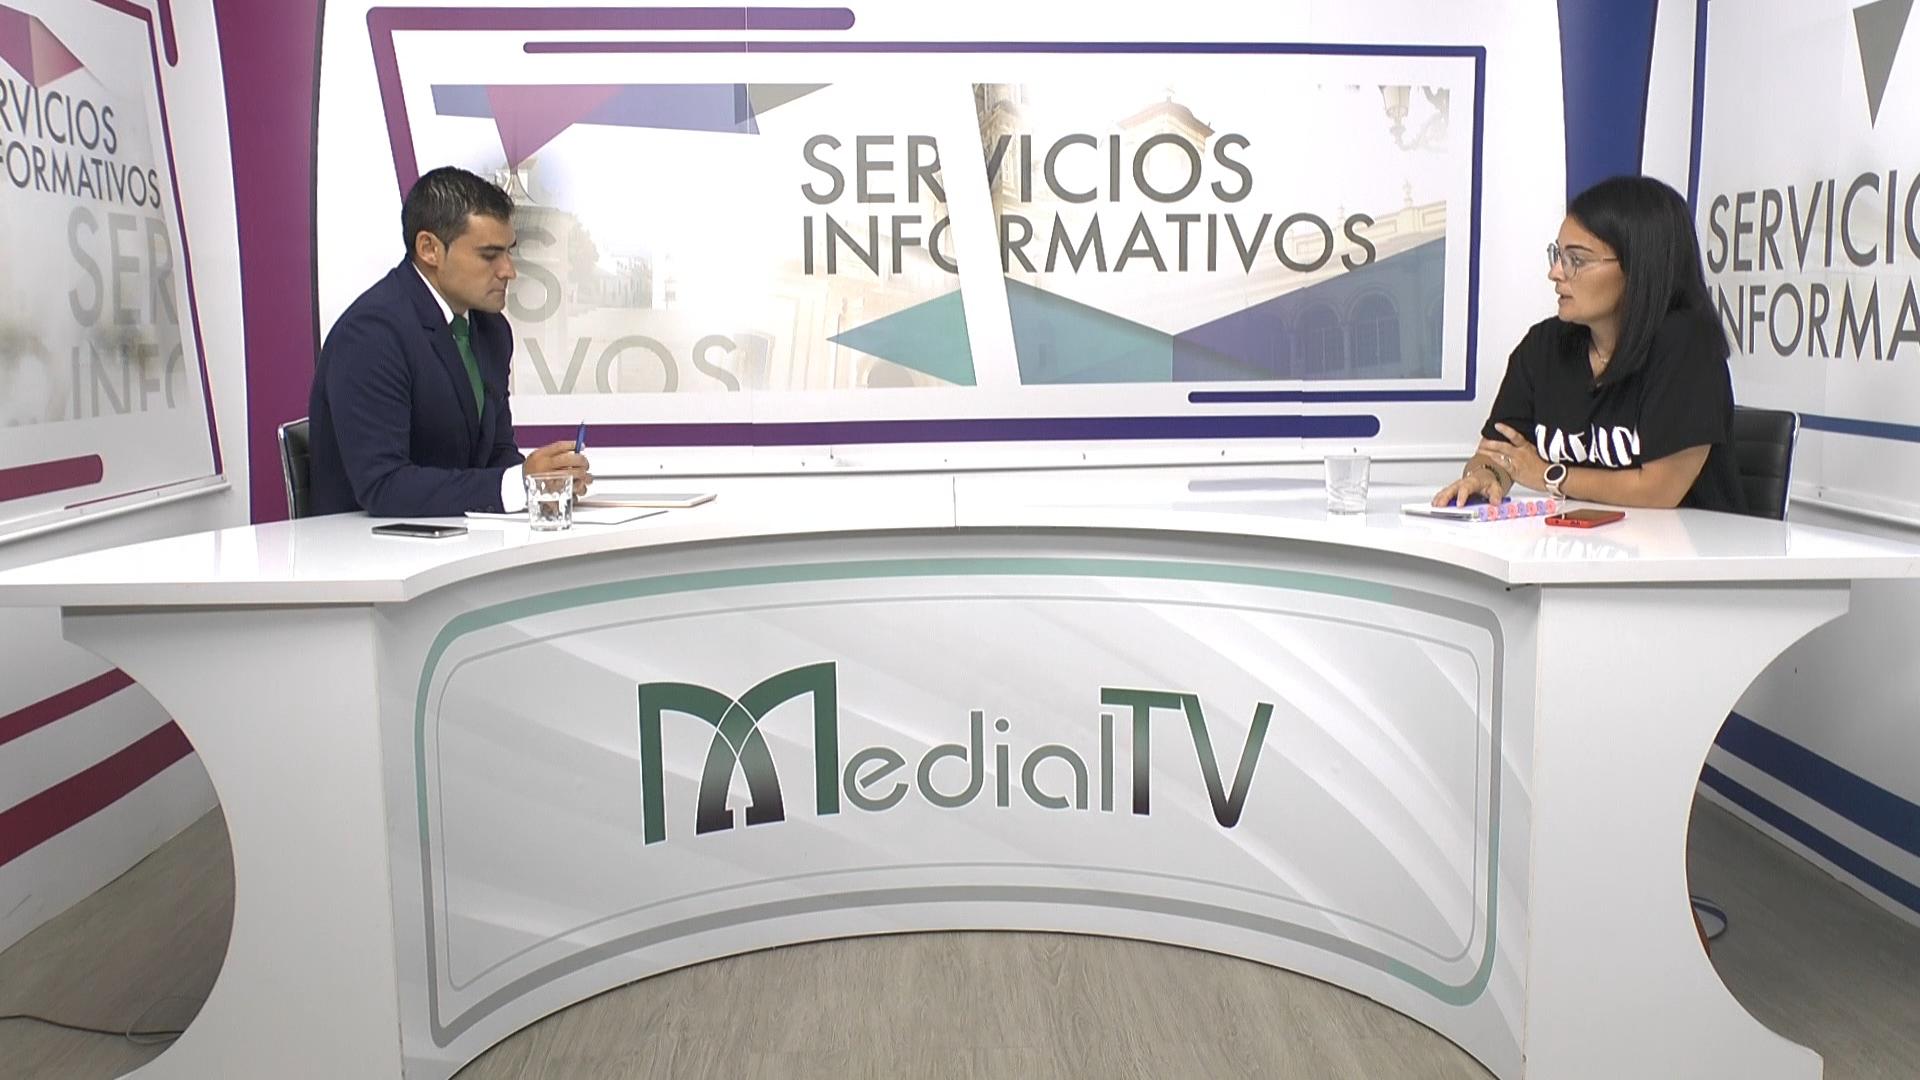 Servicios Informativos Medial TV Arahal 17/09/2021